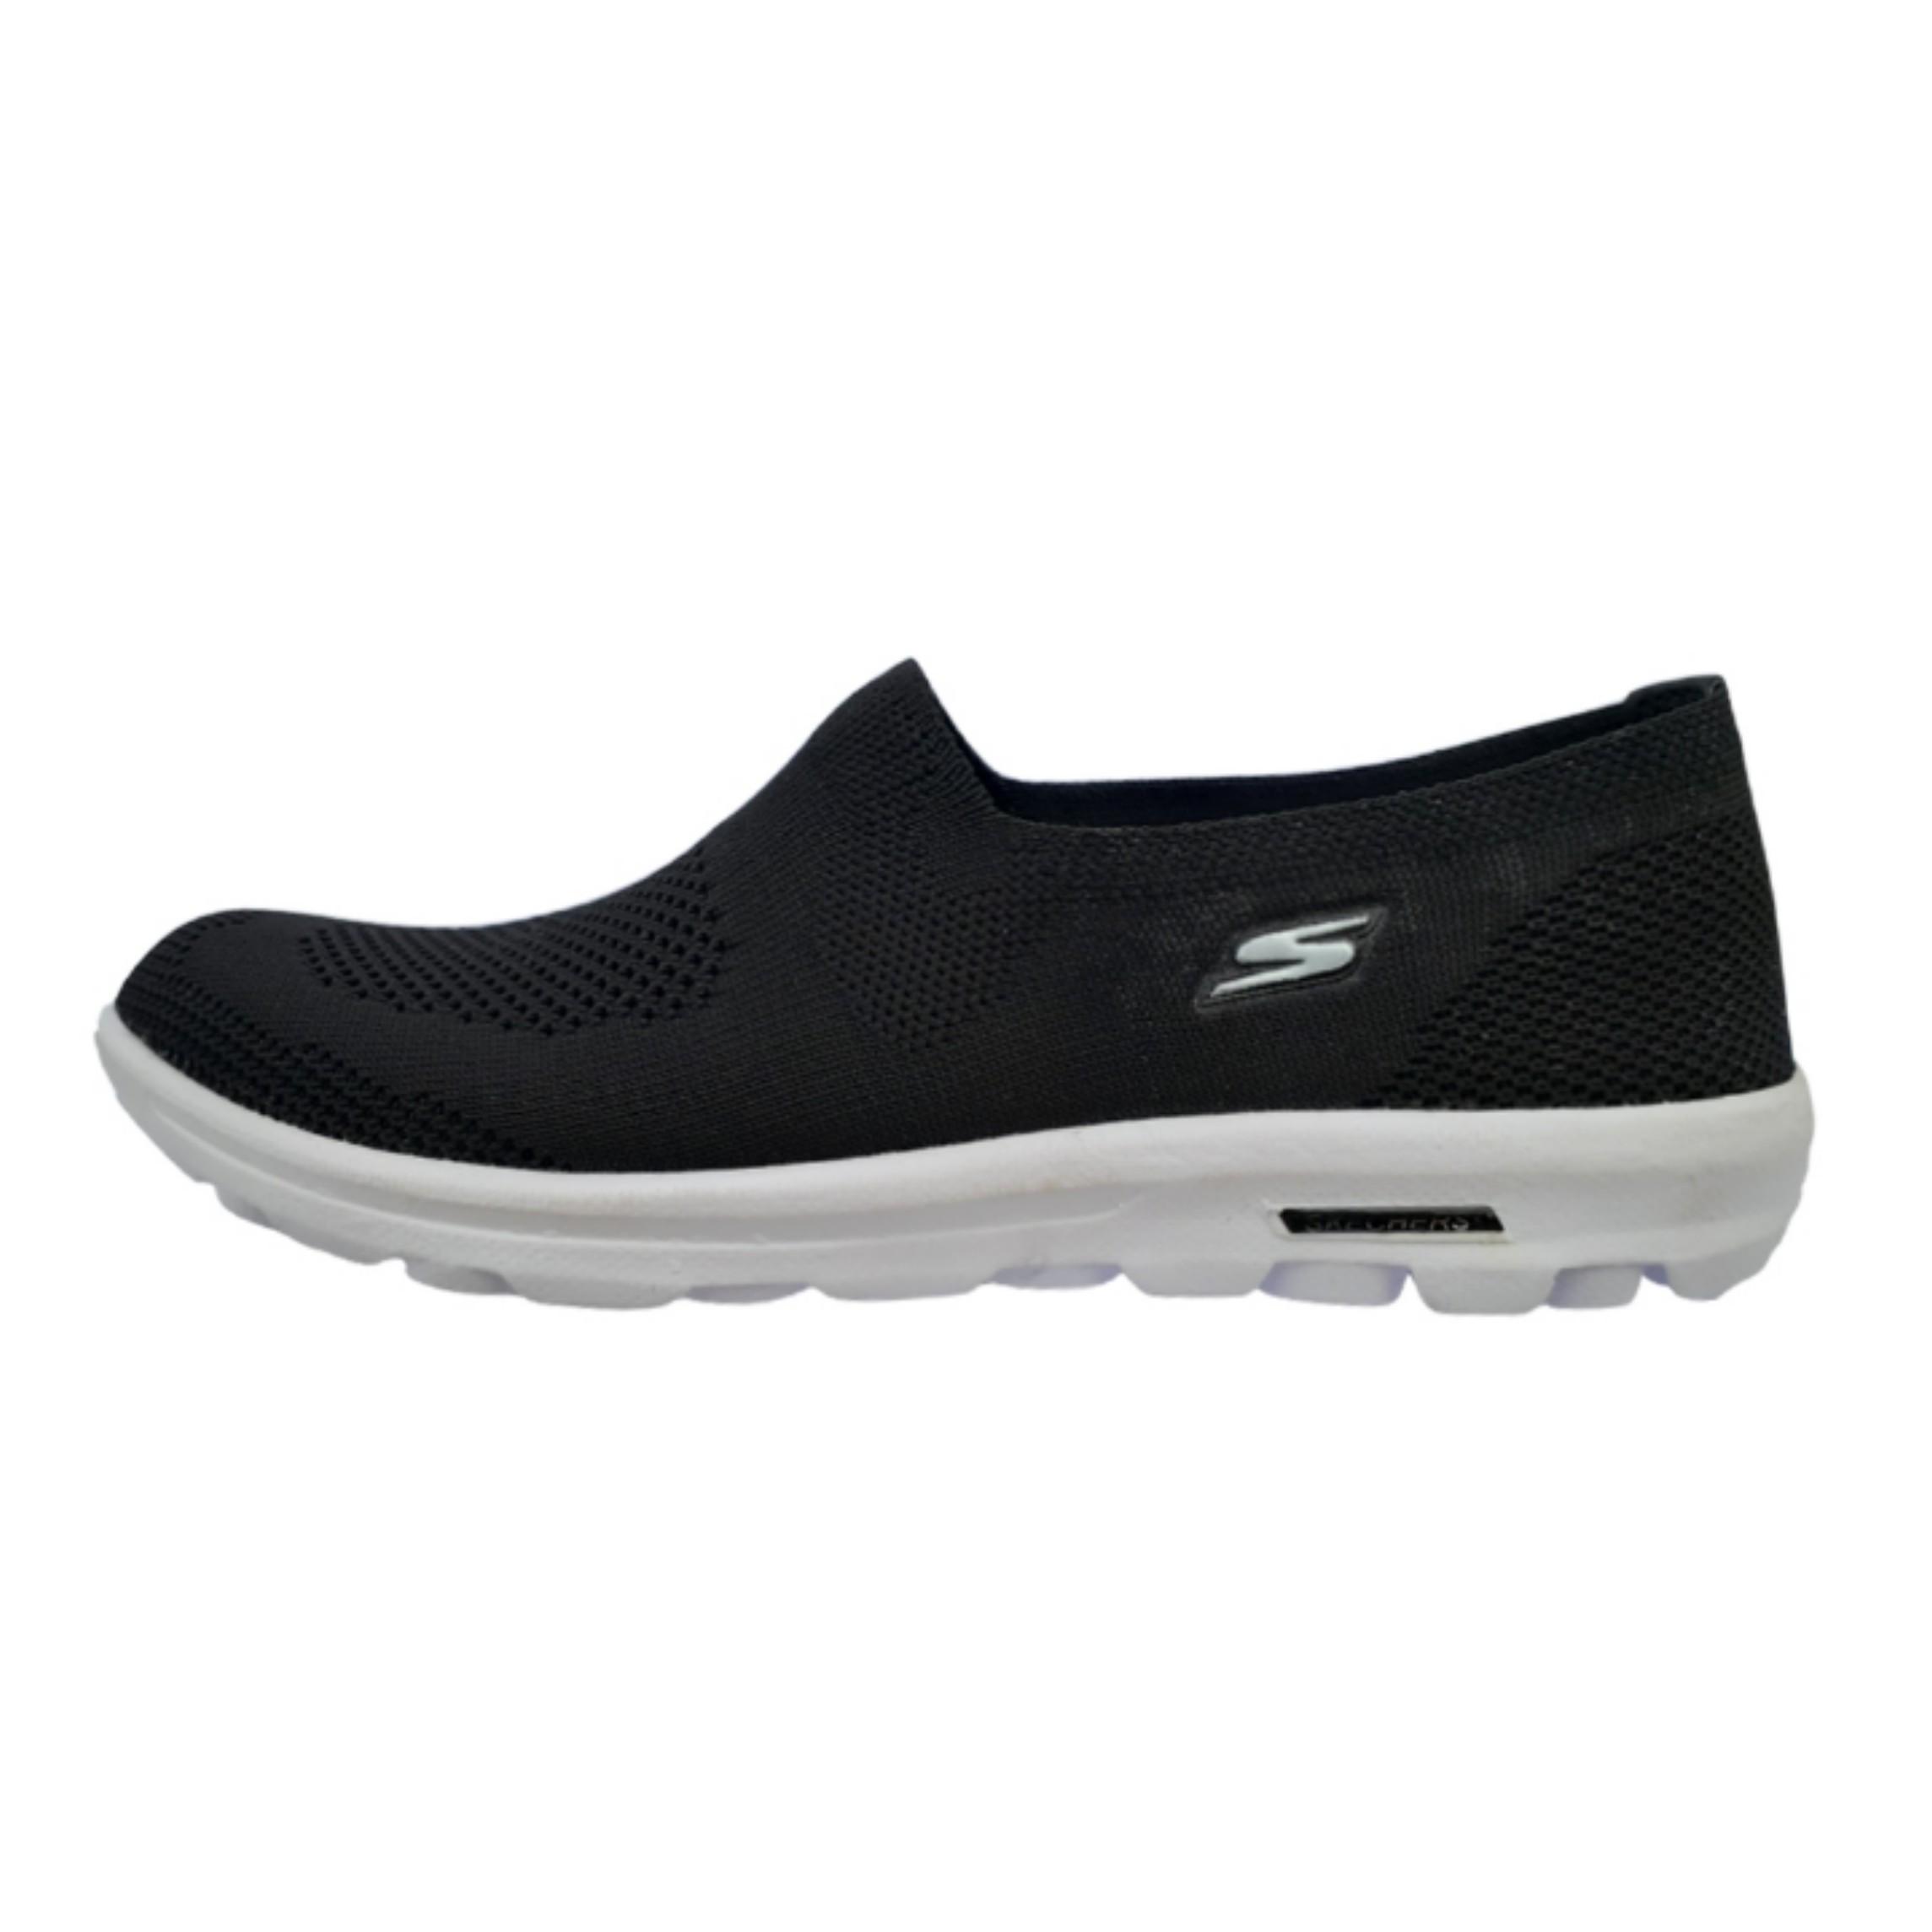 کفش مخصوص پیاده روی زنانه کد kn007